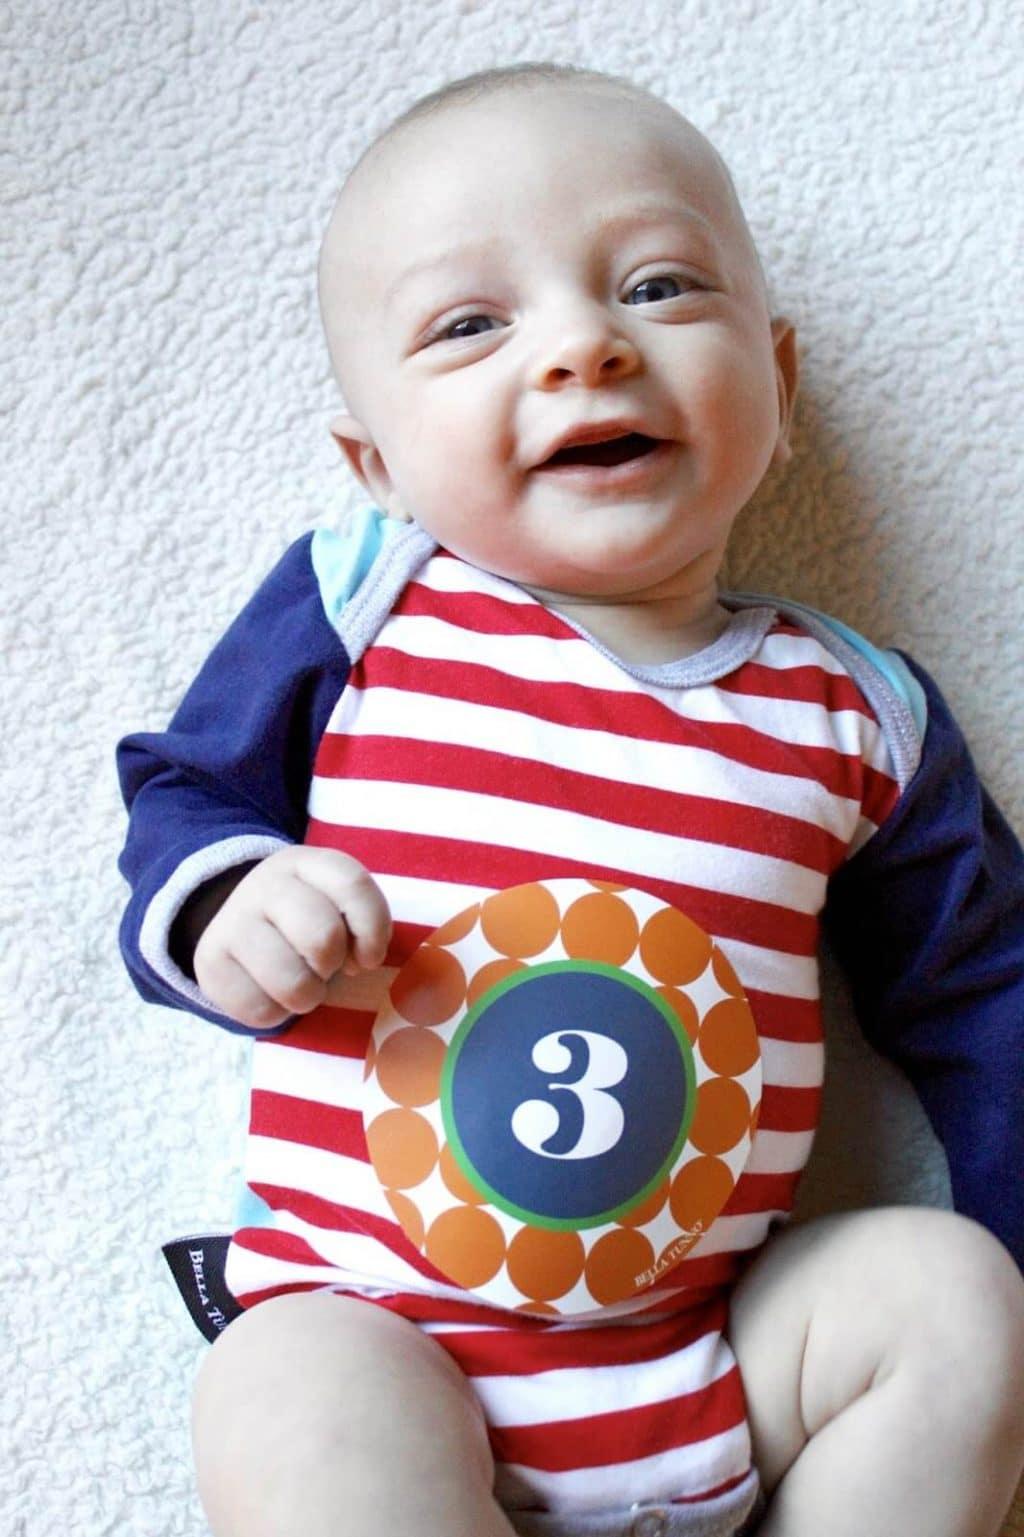 c09677b65 Baby Update  3 Months Old - Stilettos   Diapers